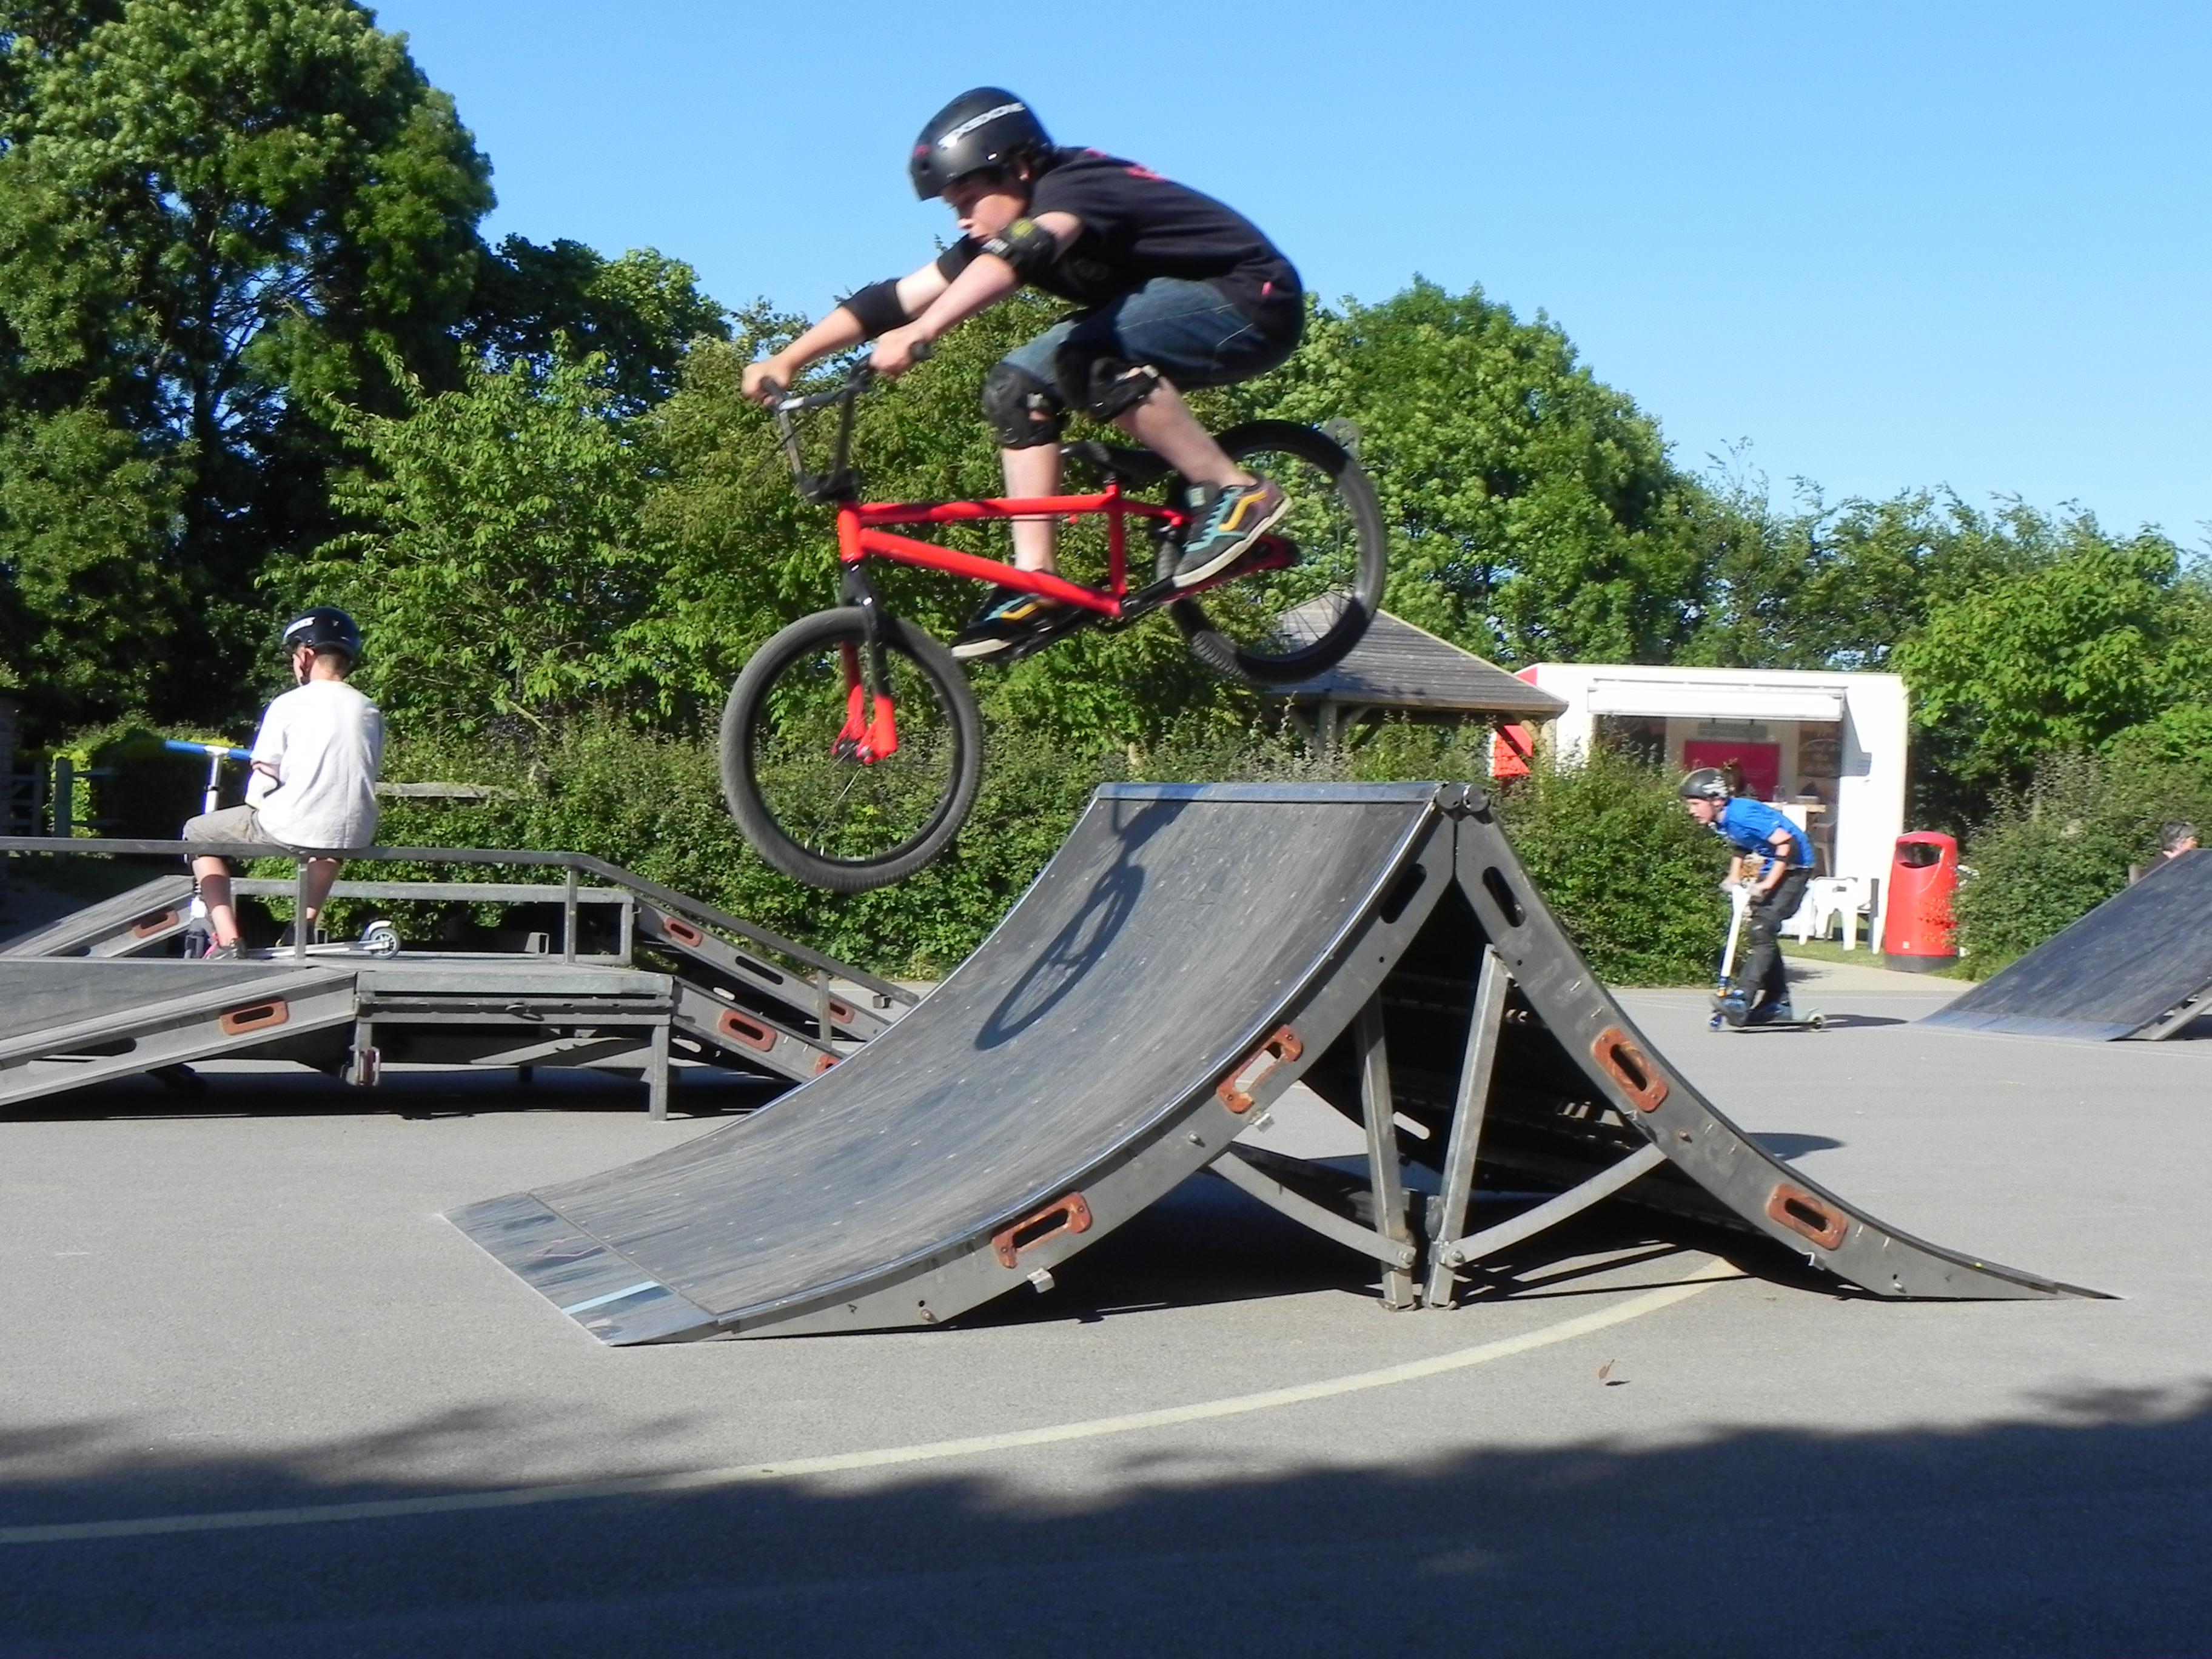 Brockham youth council skate brockham - Skateboard mobel ...